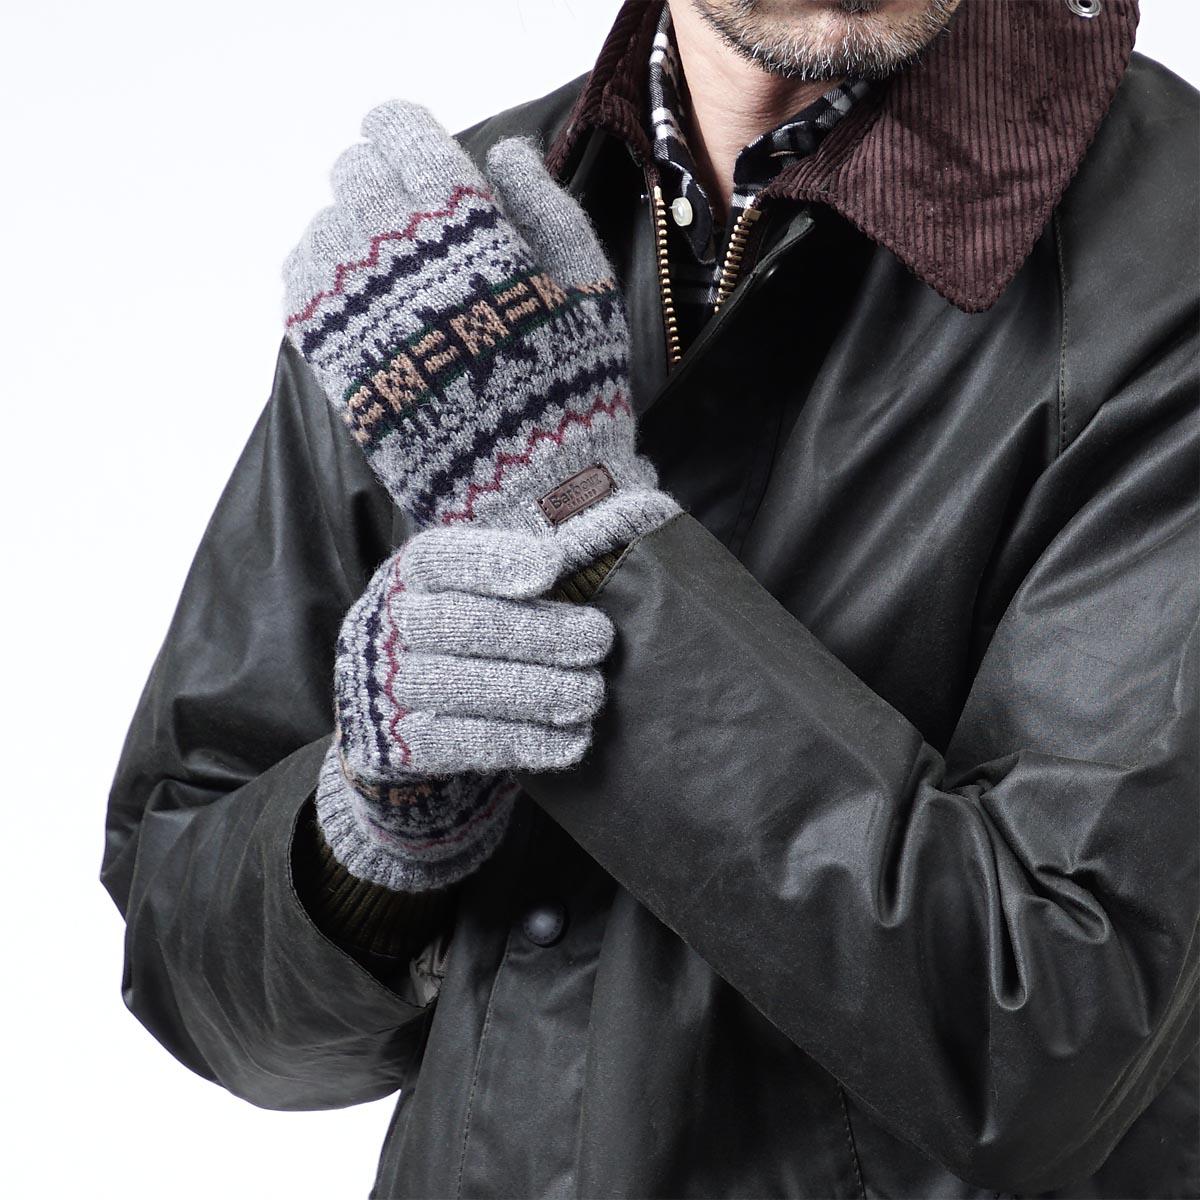 Мужские перчатки с узором